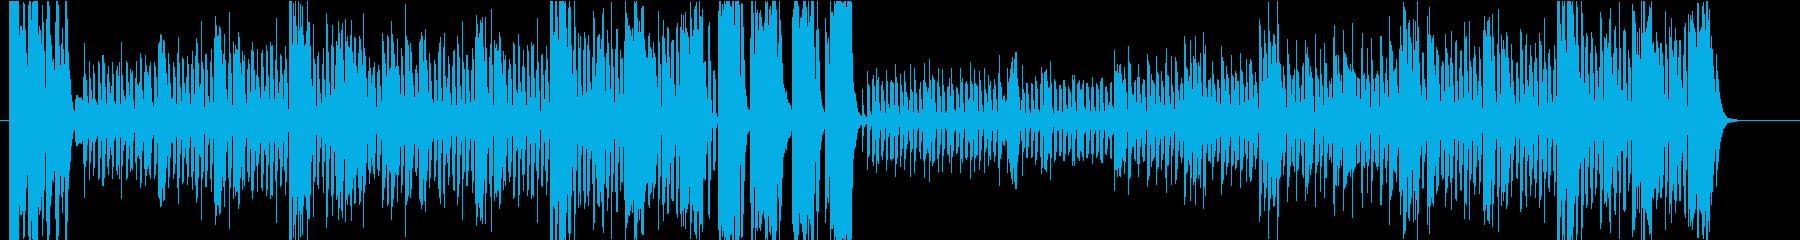 鼓笛隊のマーチの再生済みの波形